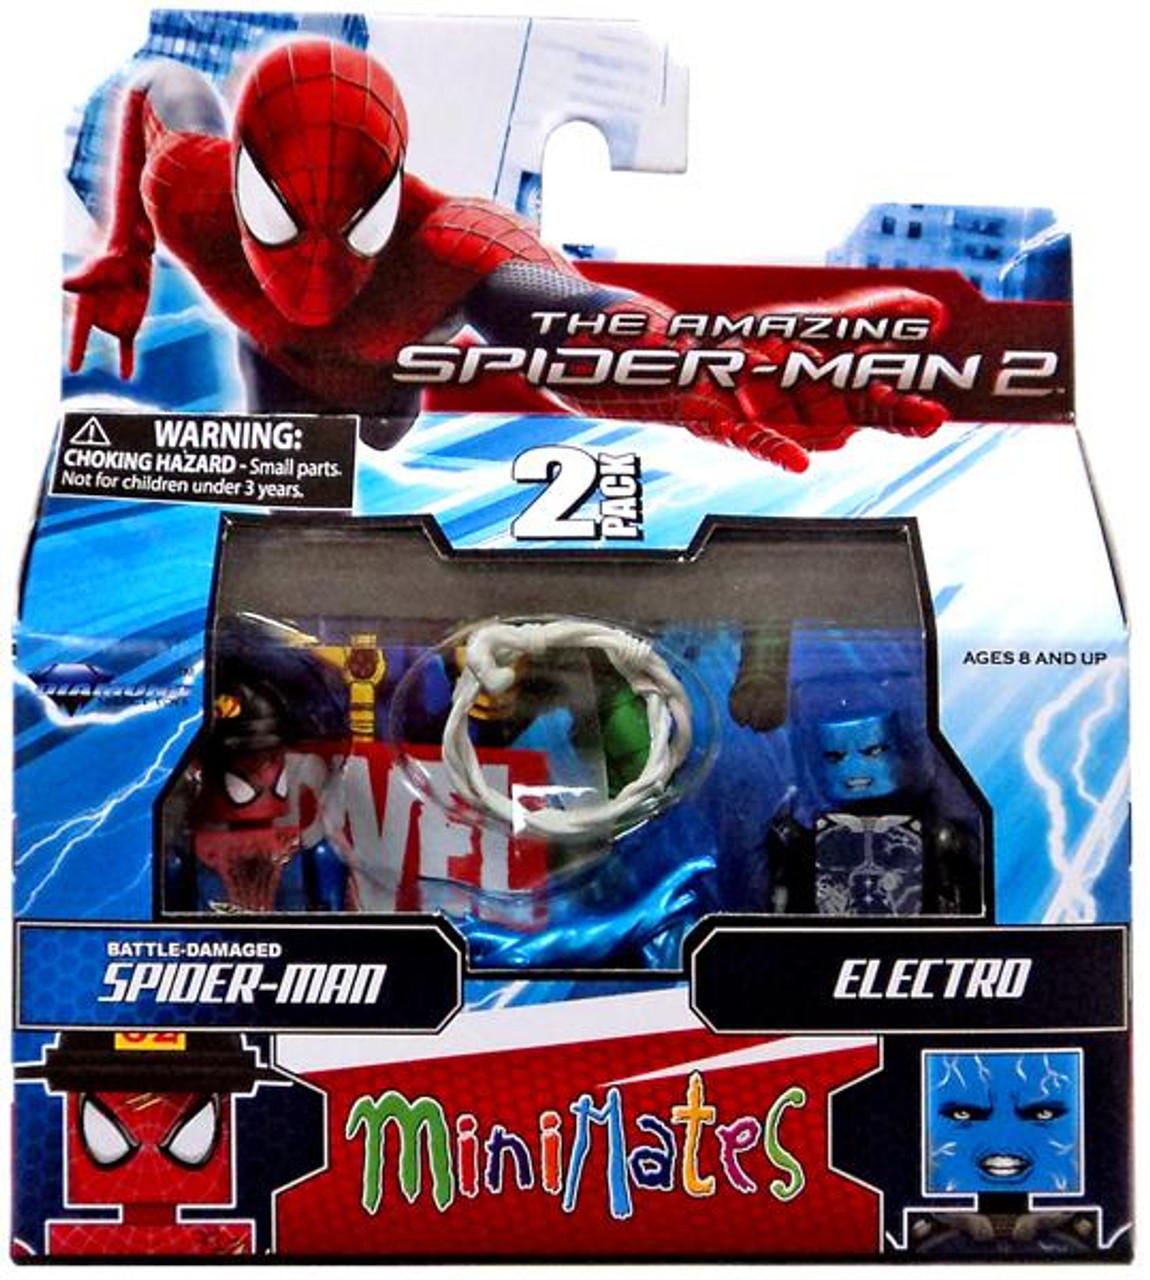 BATTLE-DAMAGED SPIDER-MAN /& ELECTRO THE AMAZING SPIDER-MAN 2 MINIMATES